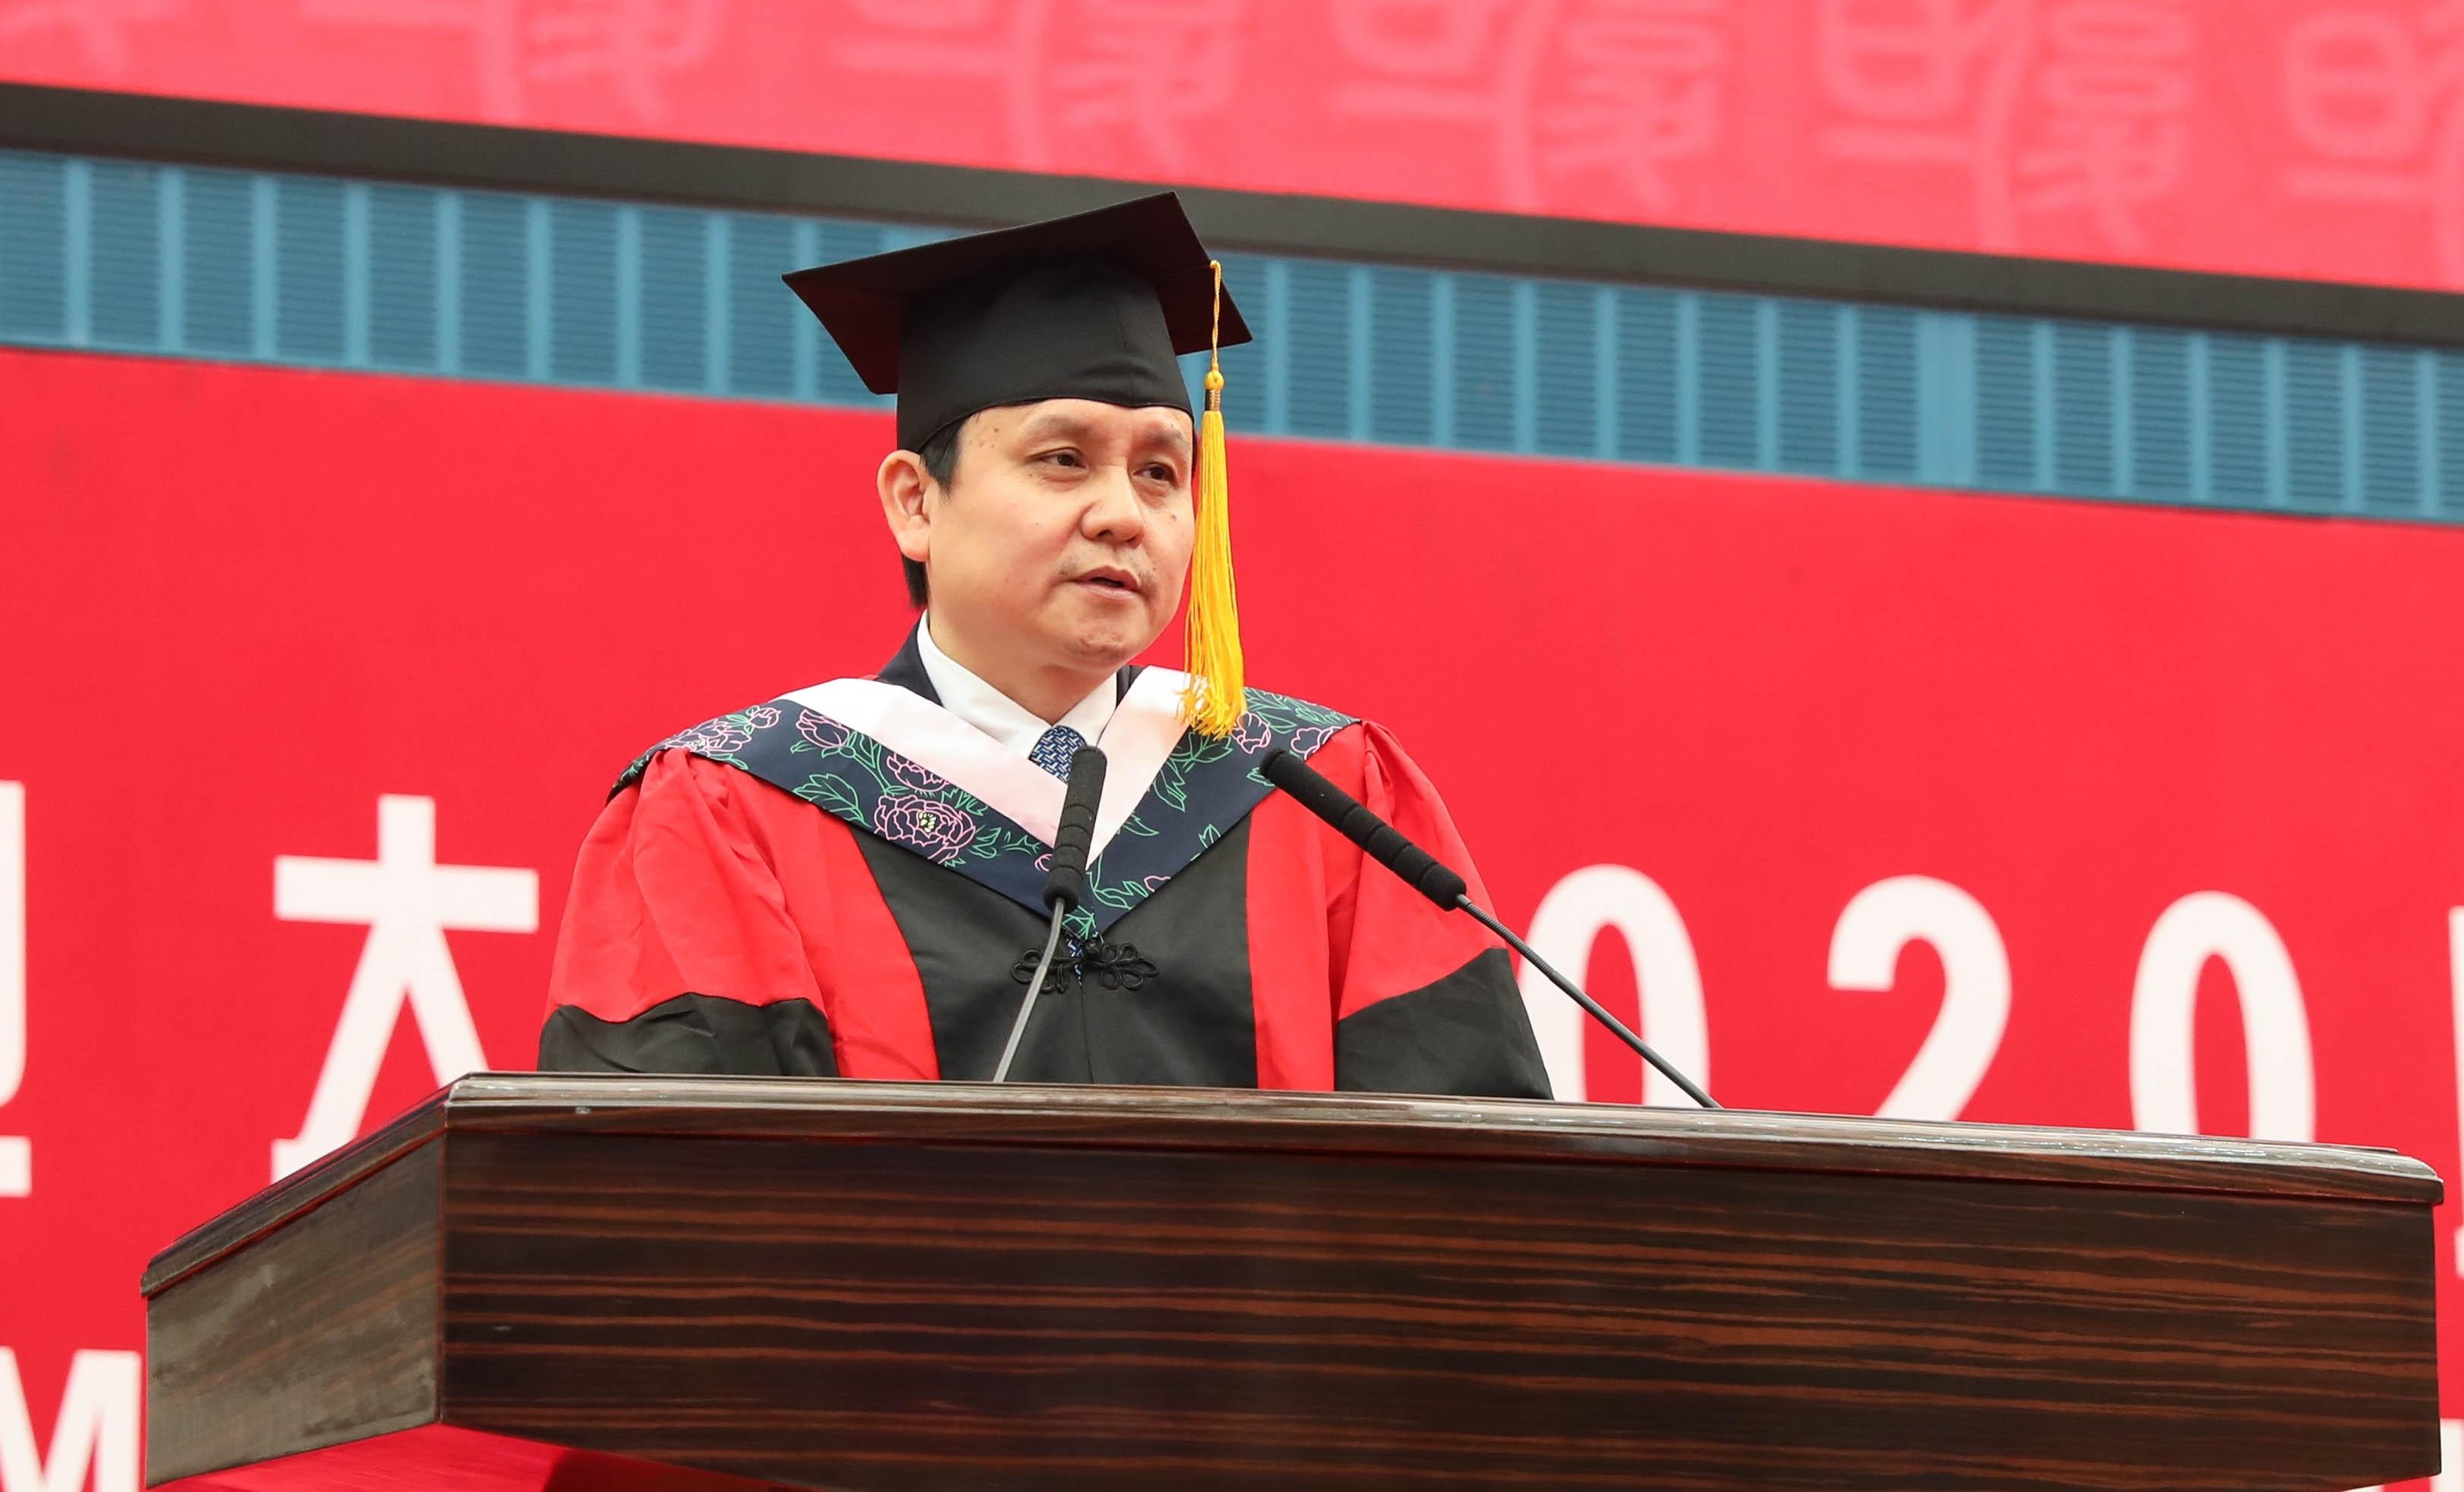 张文宏获评复旦2020届本(专)科生心目中的好老师-新闻频道-和讯网